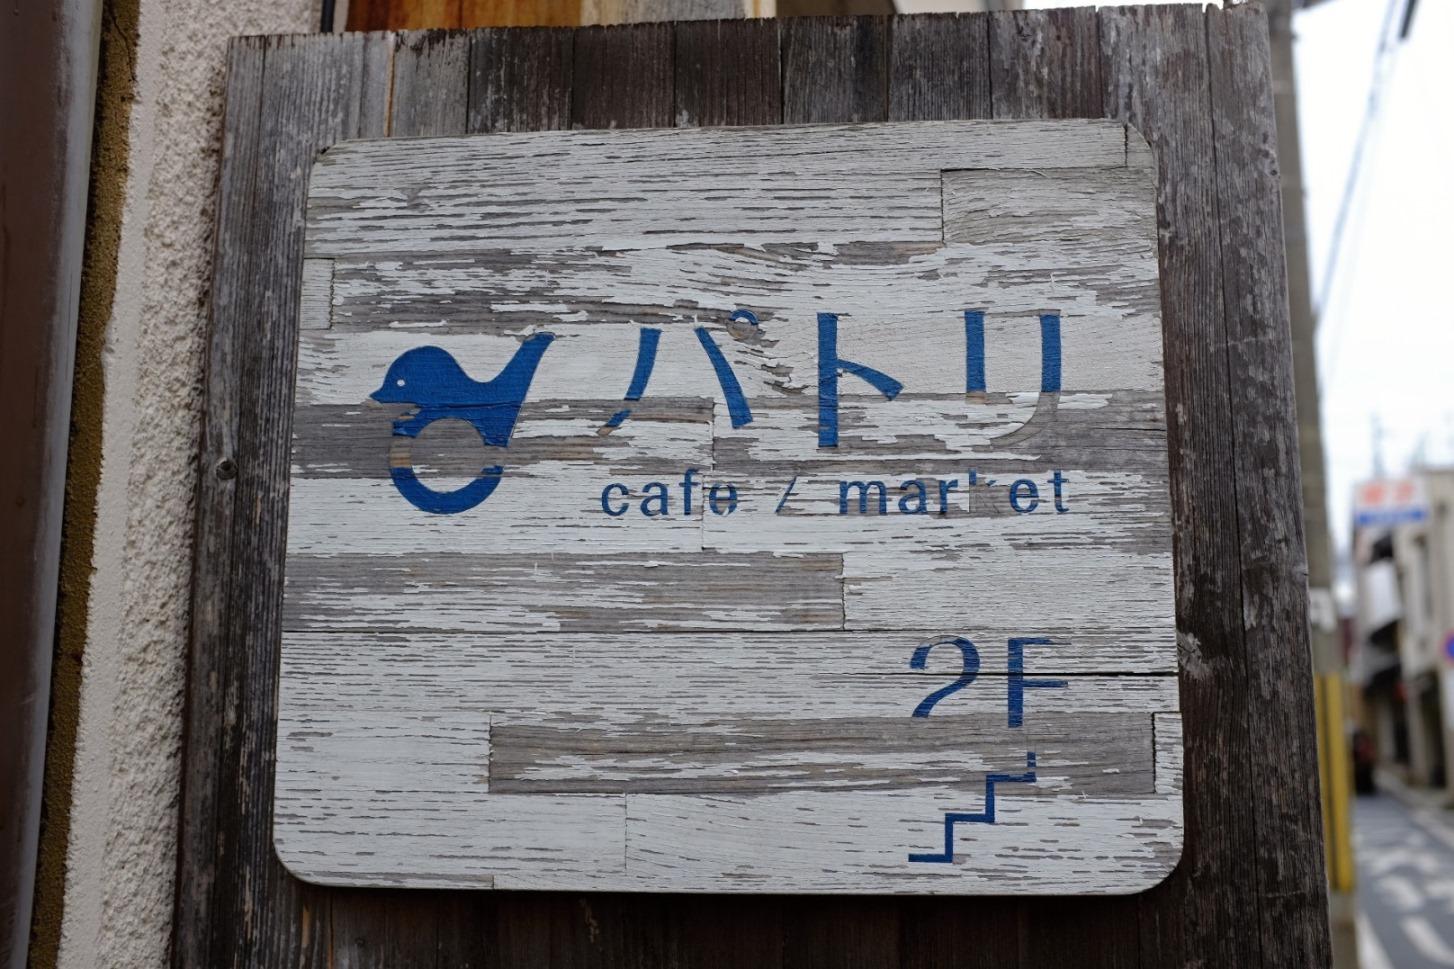 甘味遊行 パトリ cafe/market  / 奈良町_d0233770_2313431.jpg